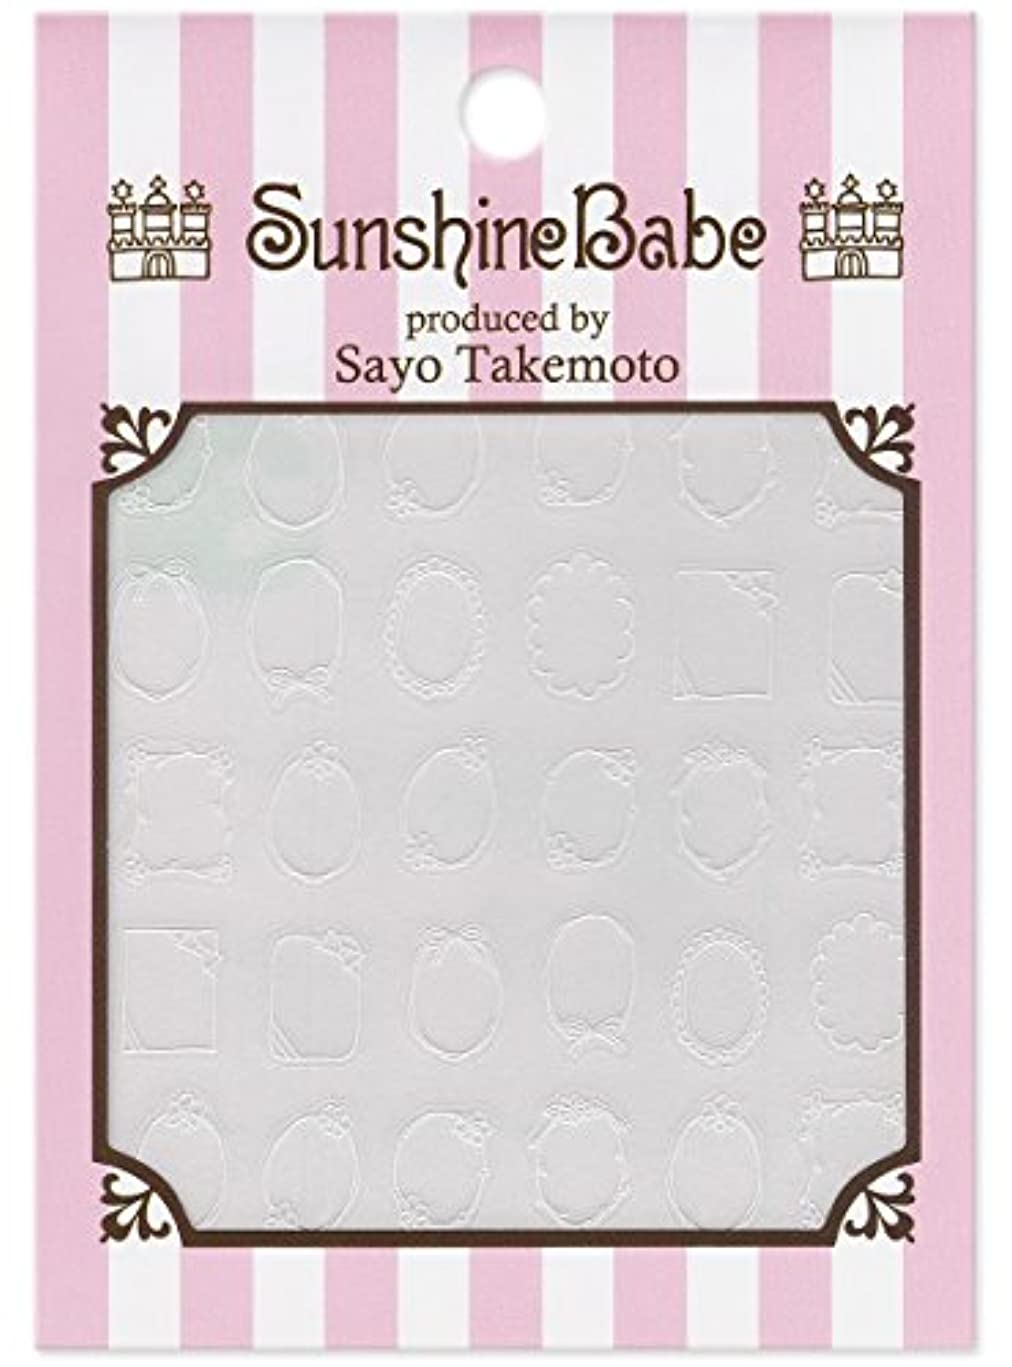 凝縮するアイドル救出サンシャインベビー ネイルシール Sayo Style 手描きフレーム(ホワイト)